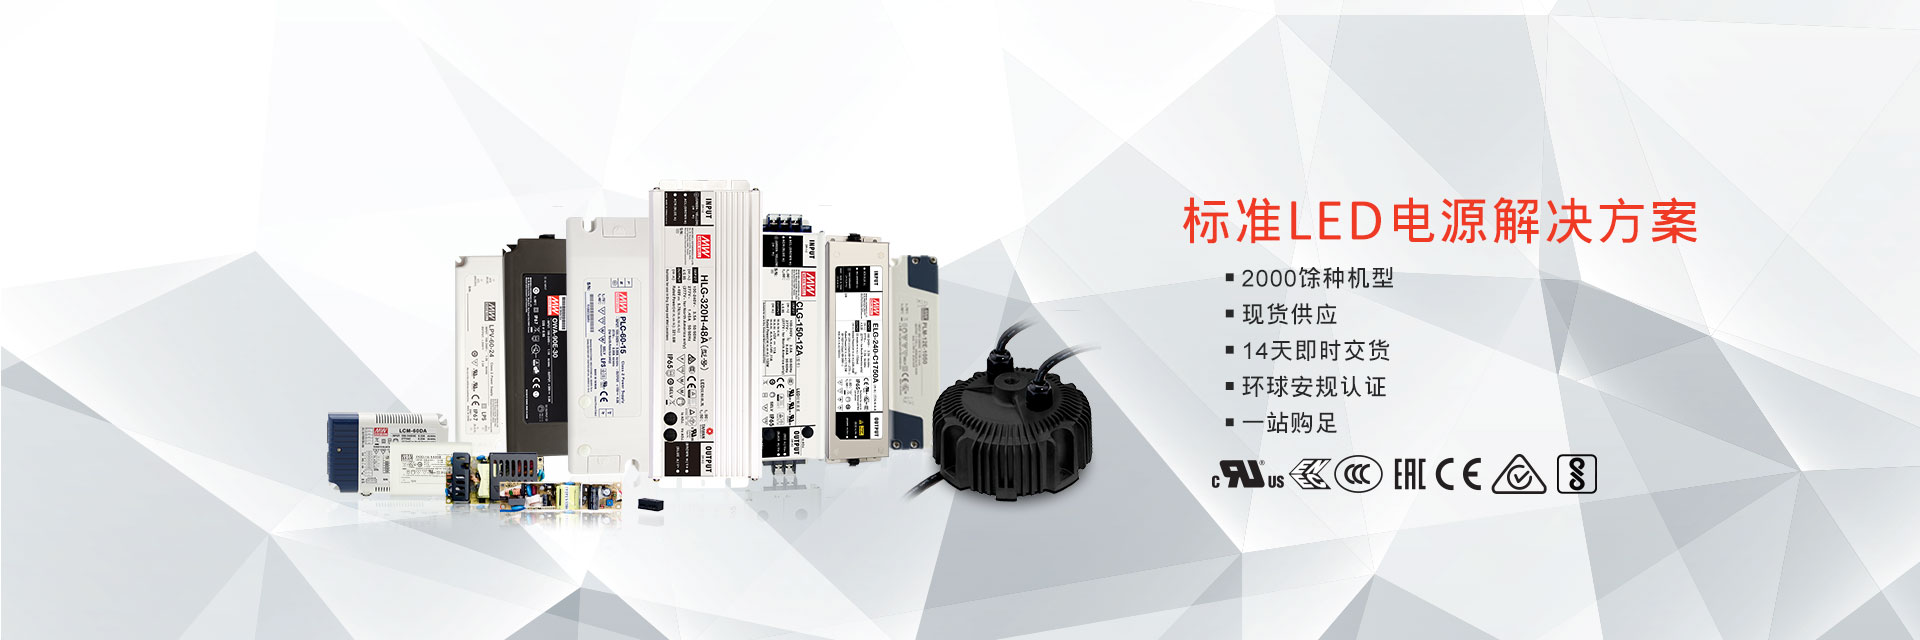 LED 电源解决方案